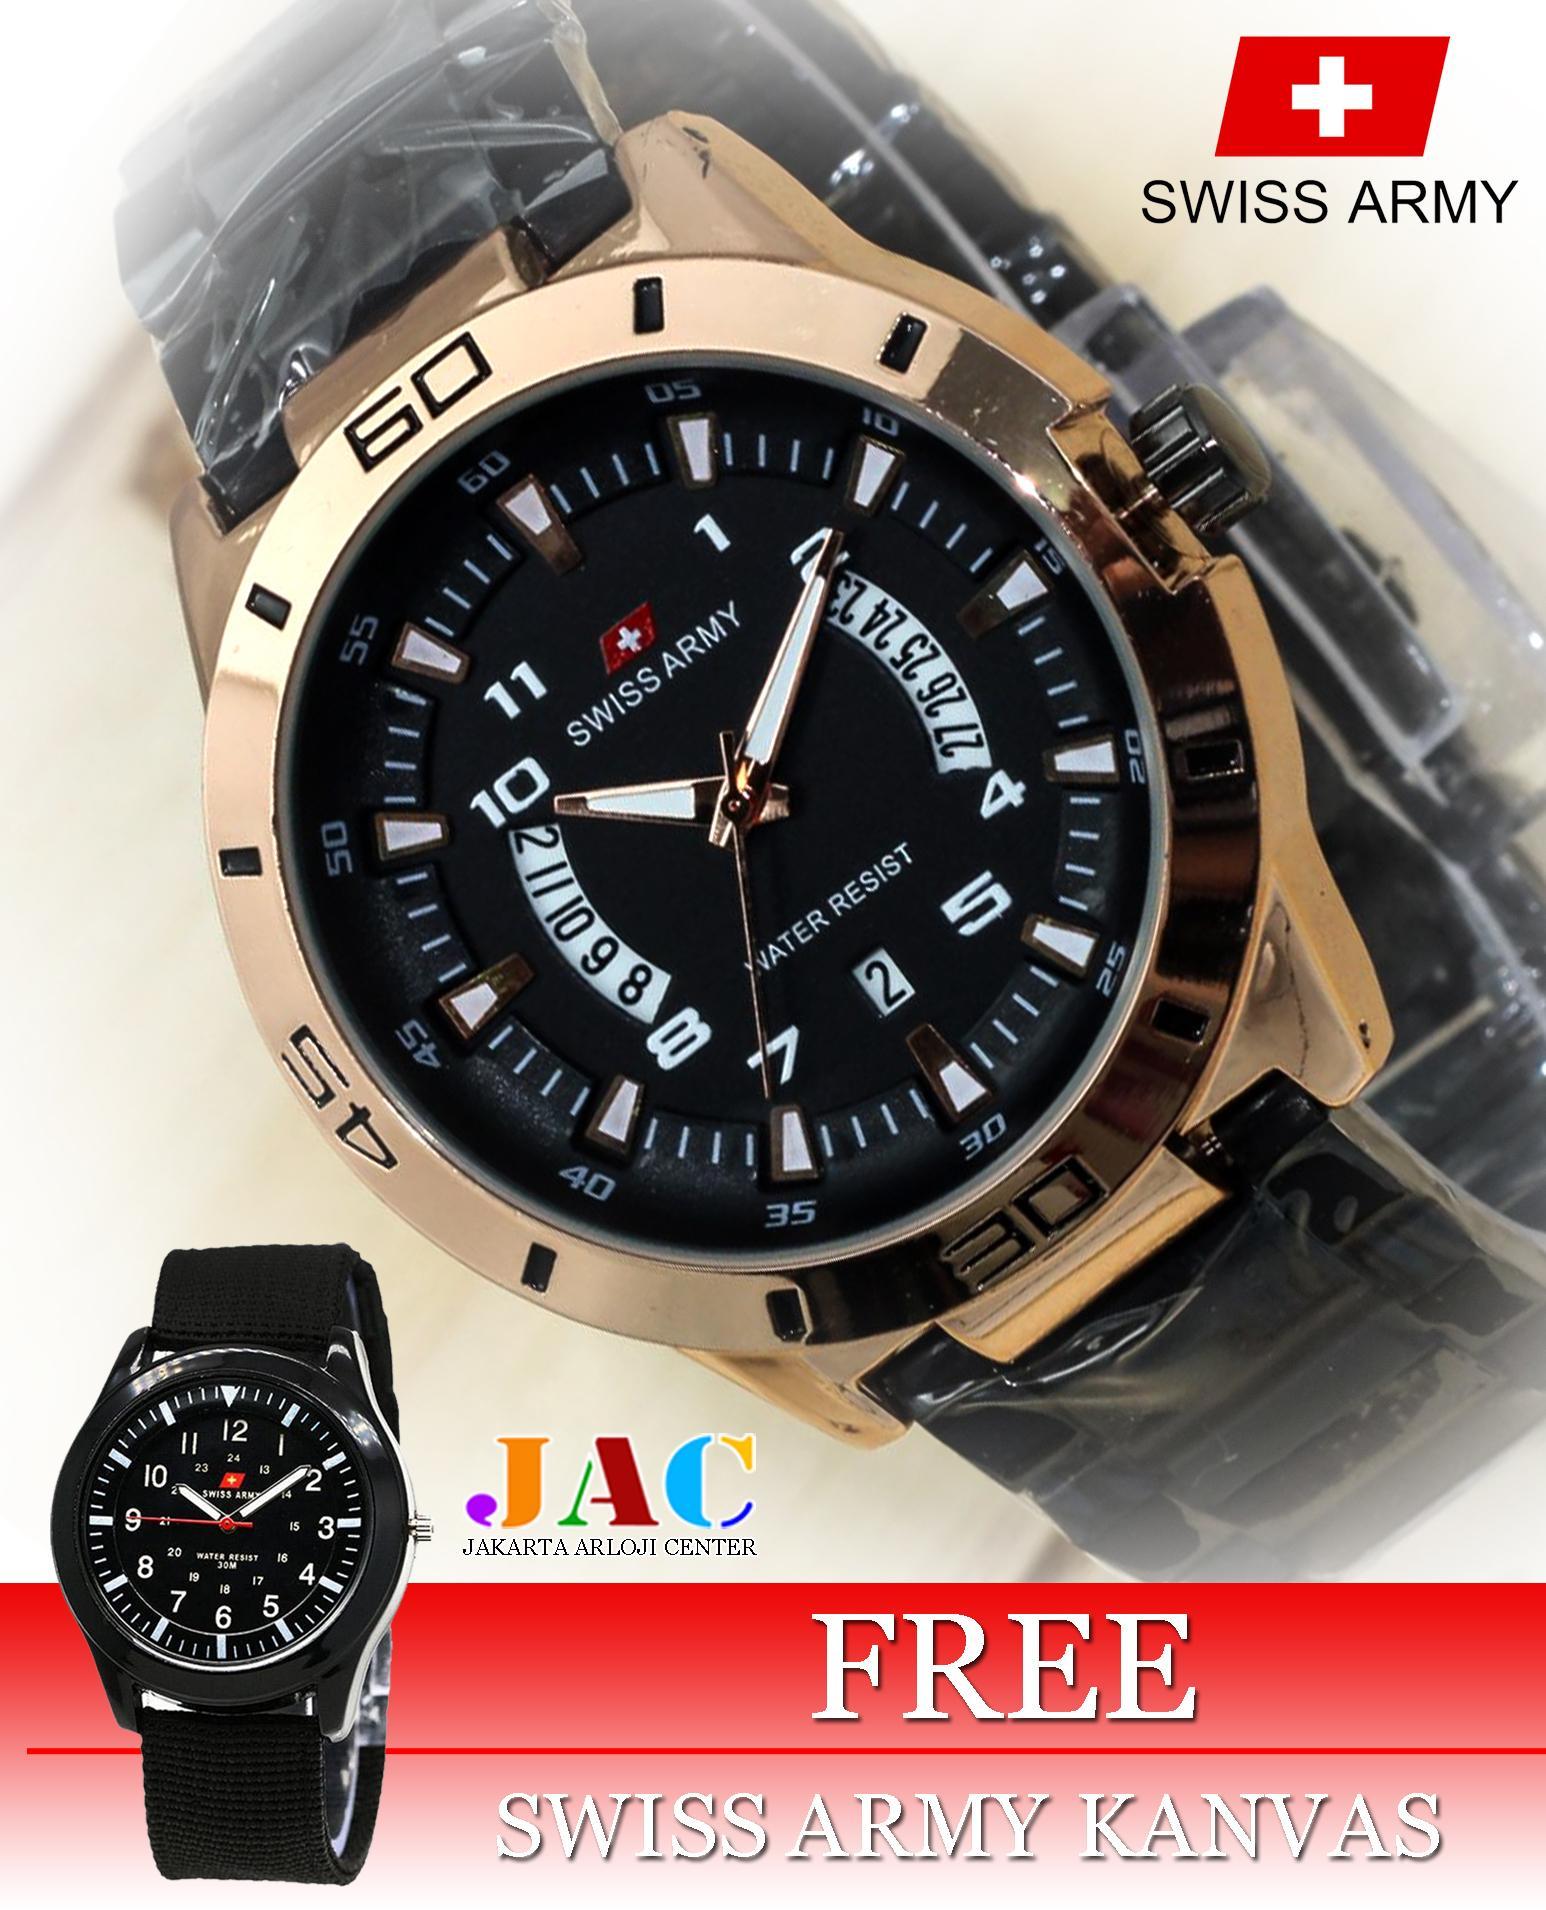 Jam Tangan Swiss Army Pria - Original - Stainless Steel - Tanggal Dan Hari Aktif - Formal Design - Bonus Jam Tangan Kanvas